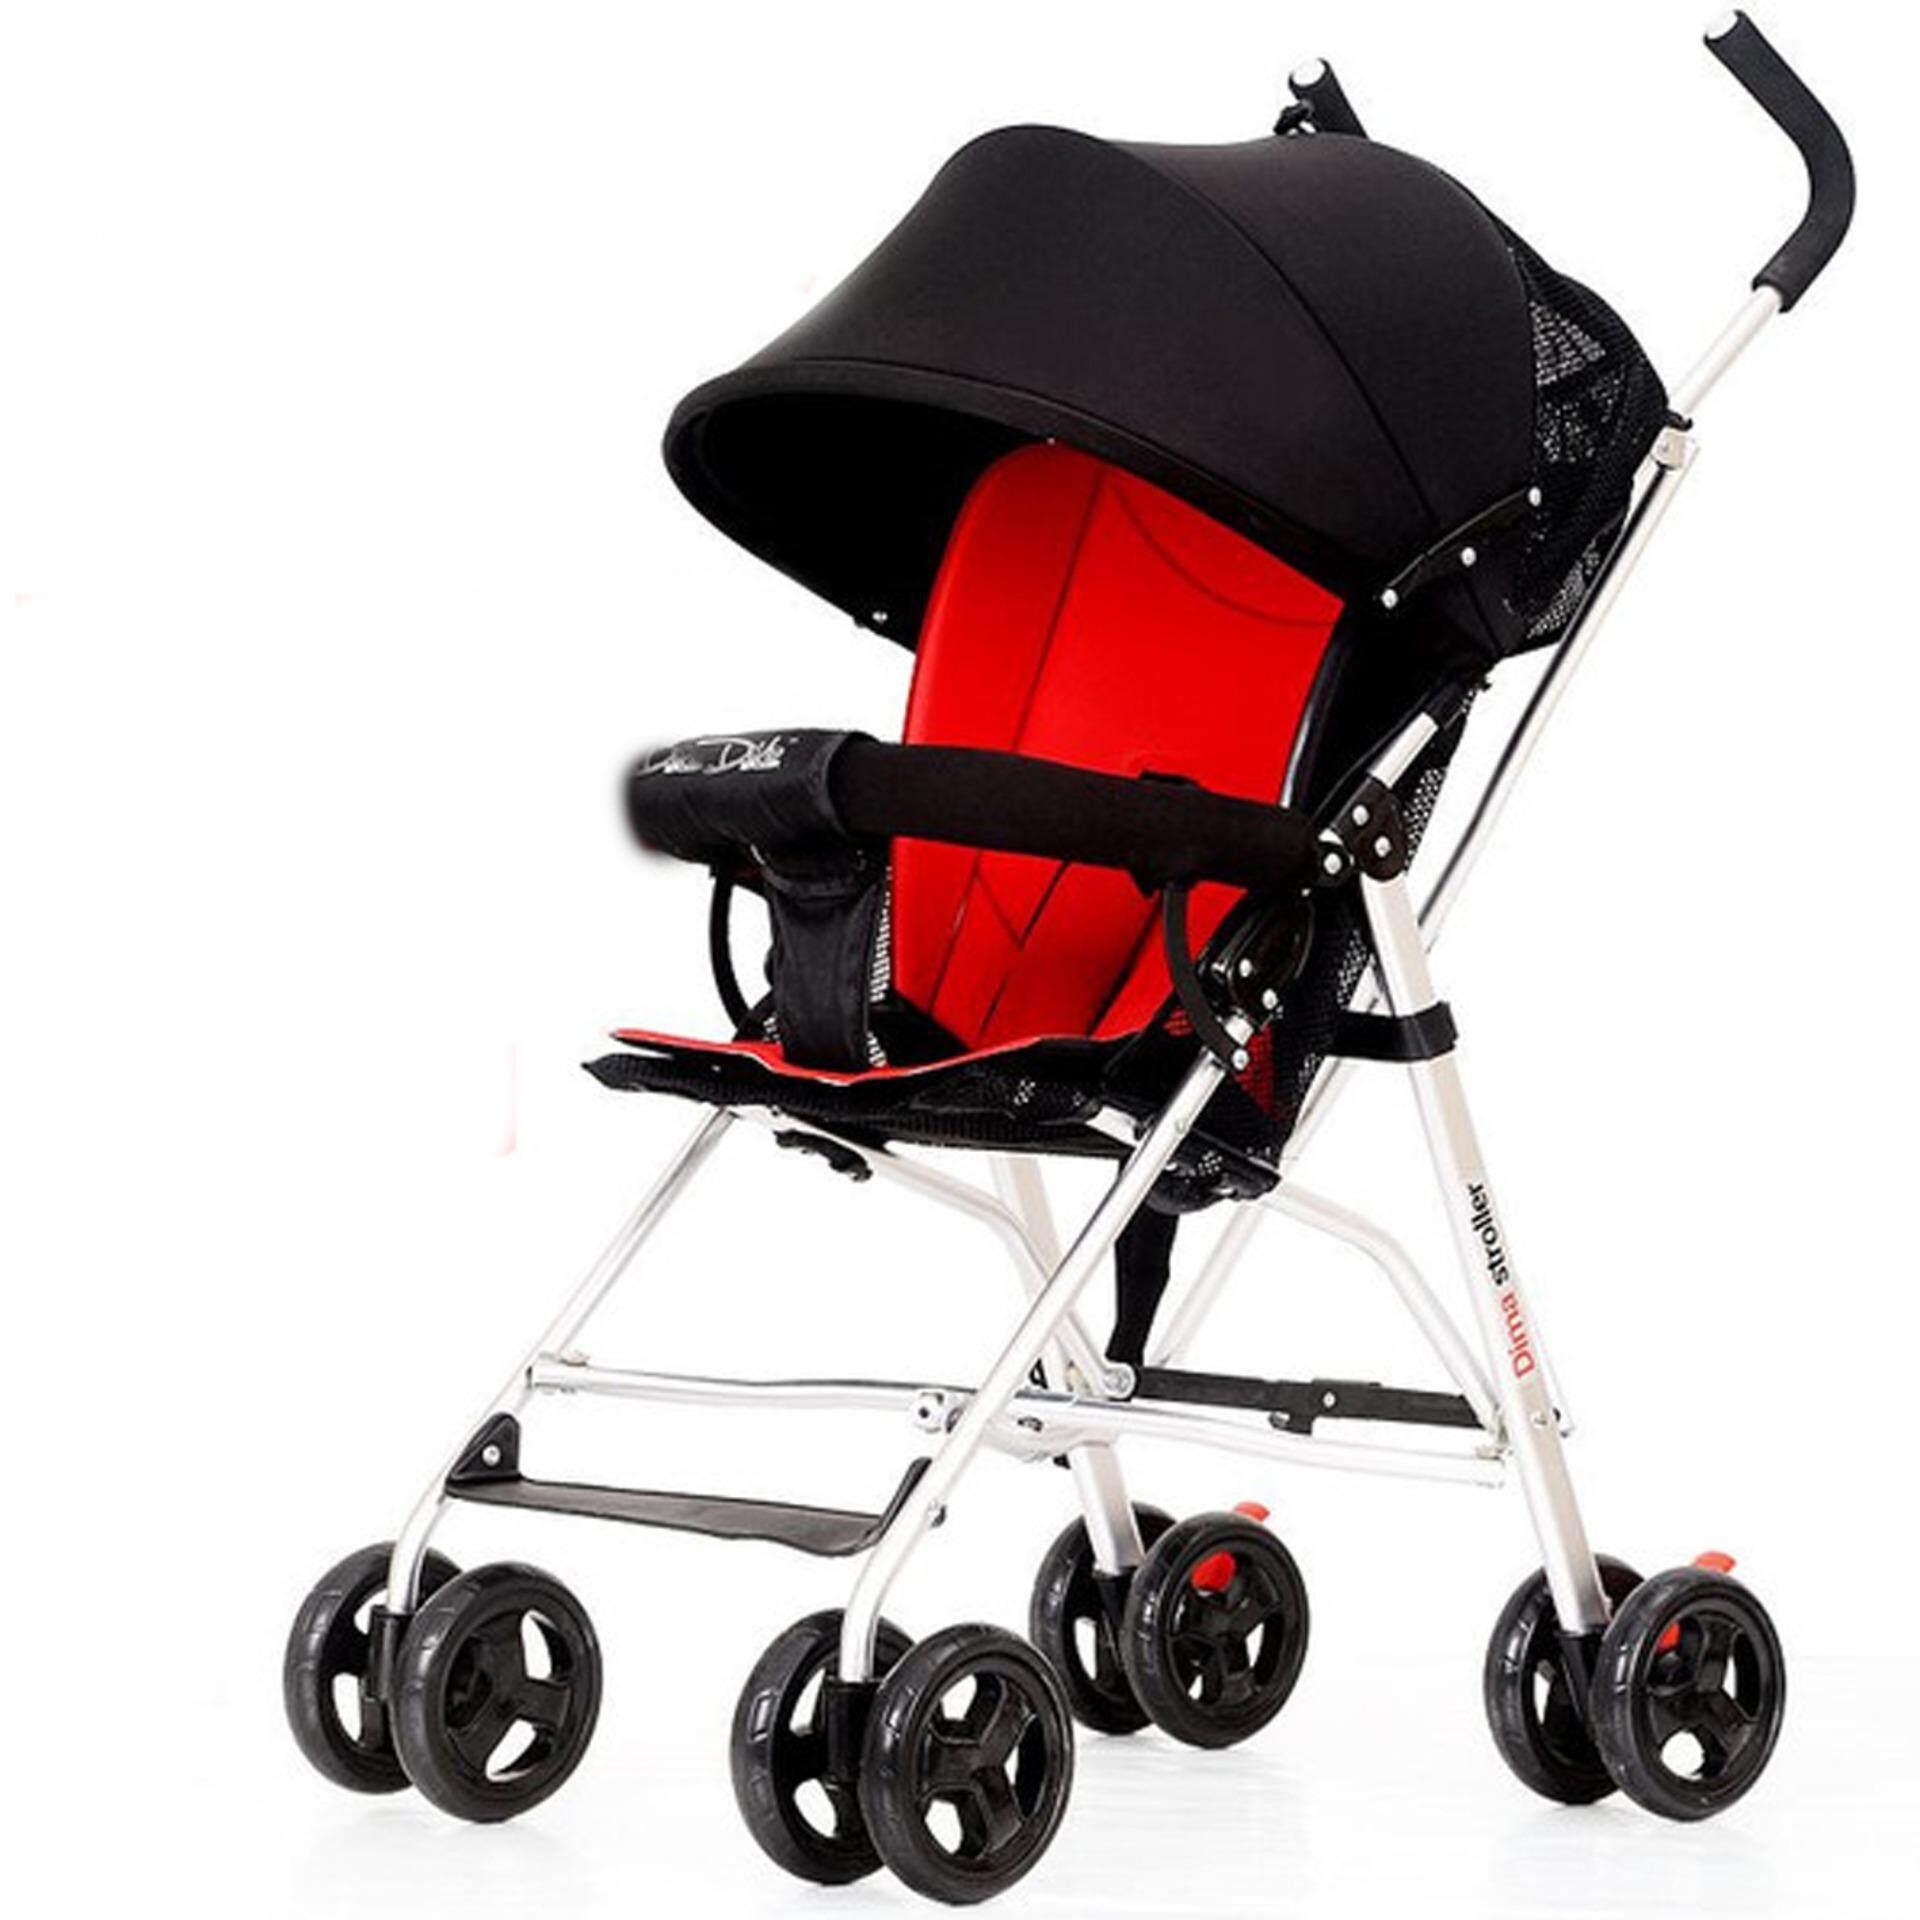 แนะนำ Baby Jogger รถเข็นเด็กแบบนอน Baby Jogger รถเข็นเด็ก BABY JOGGER CITY TOUR STROLLER - GARNET ของแท้ ส่งฟรี